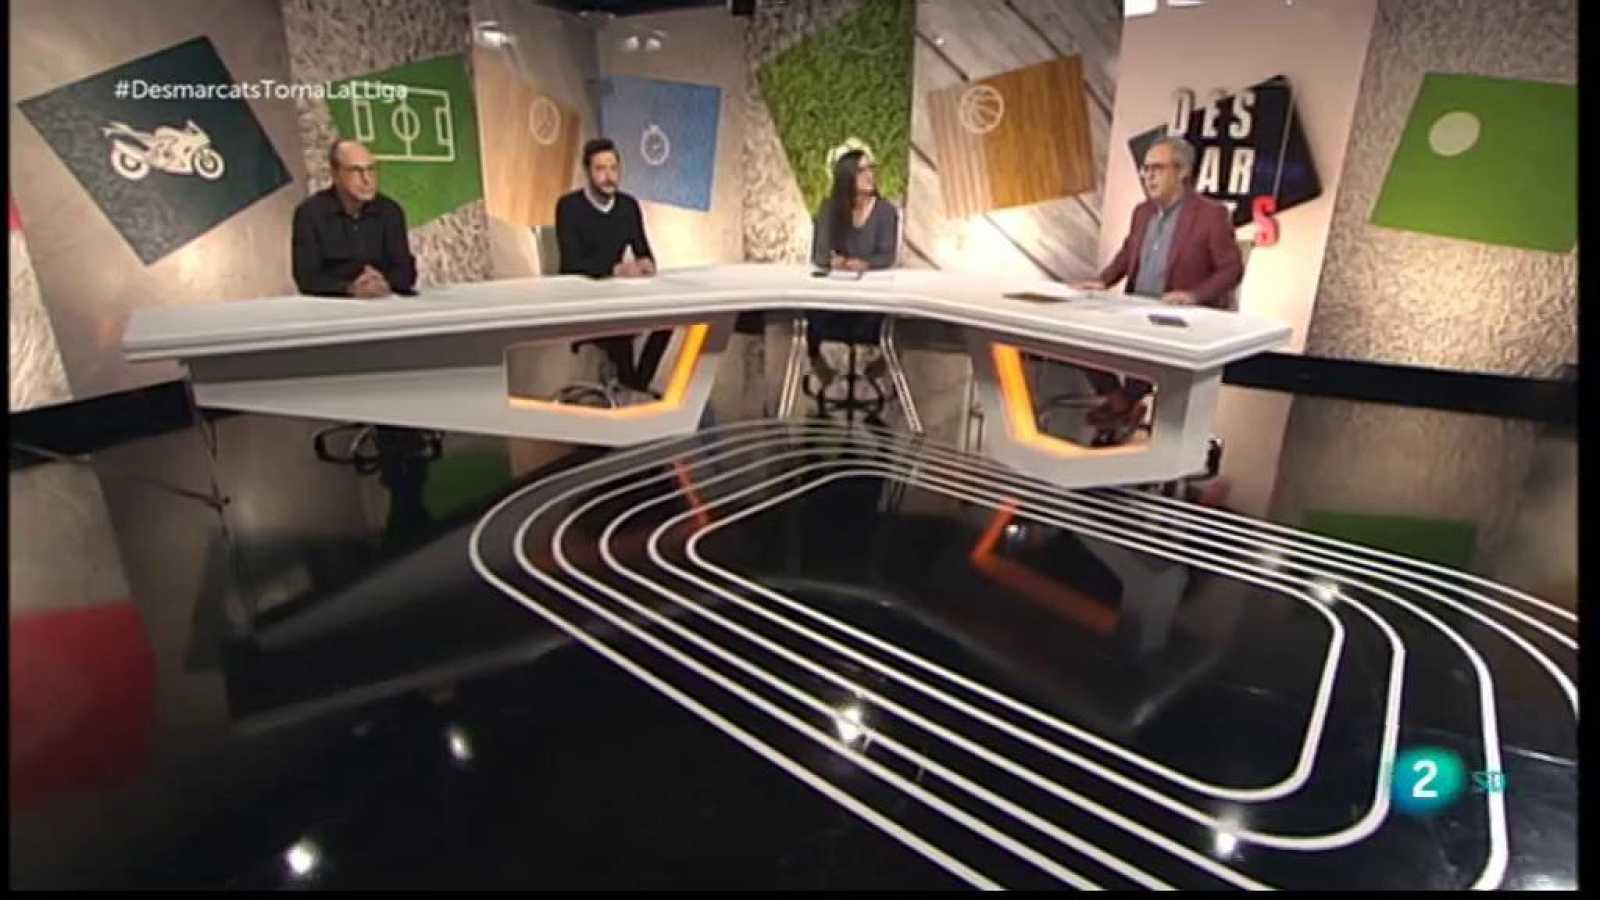 Desmarcats - Tertúlia esportiva. Converses al Reial Madrid